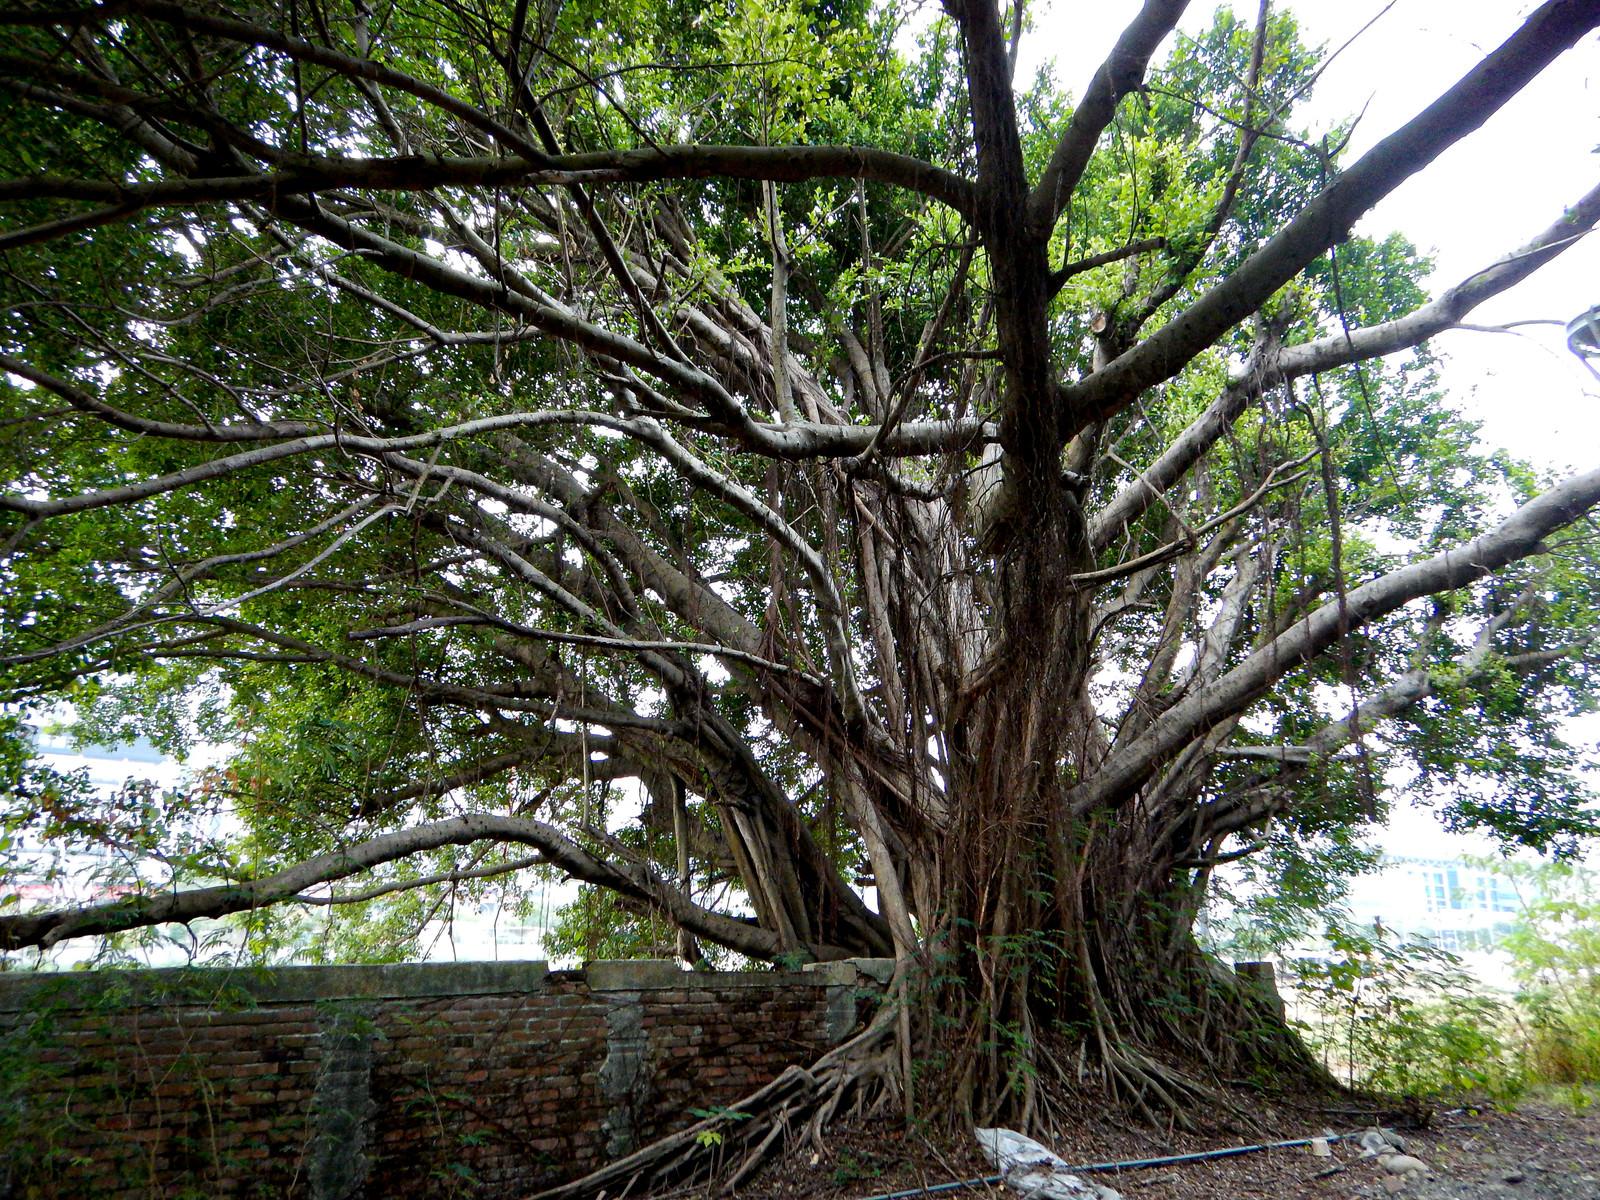 「レンガの壁を覆い尽くすガジュマルの木」の写真